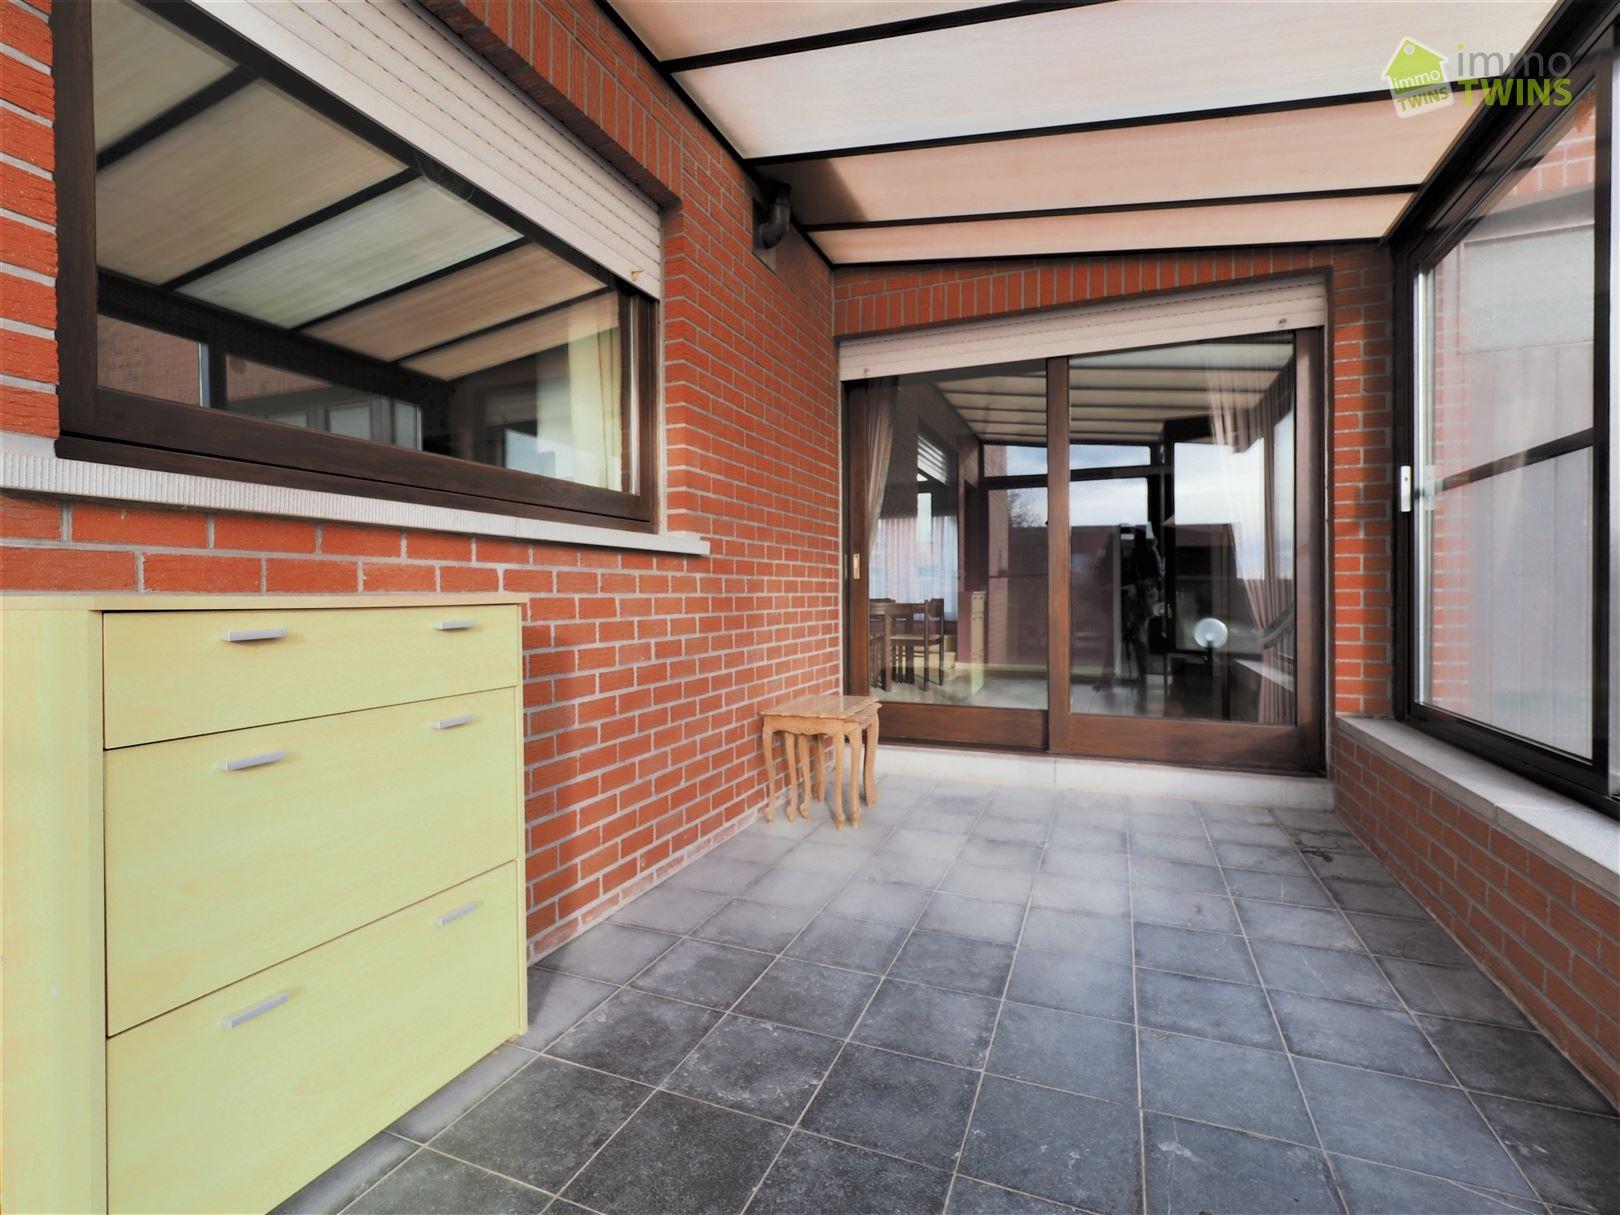 Foto 8 : Huis te 9240 ZELE (België) - Prijs € 345.000